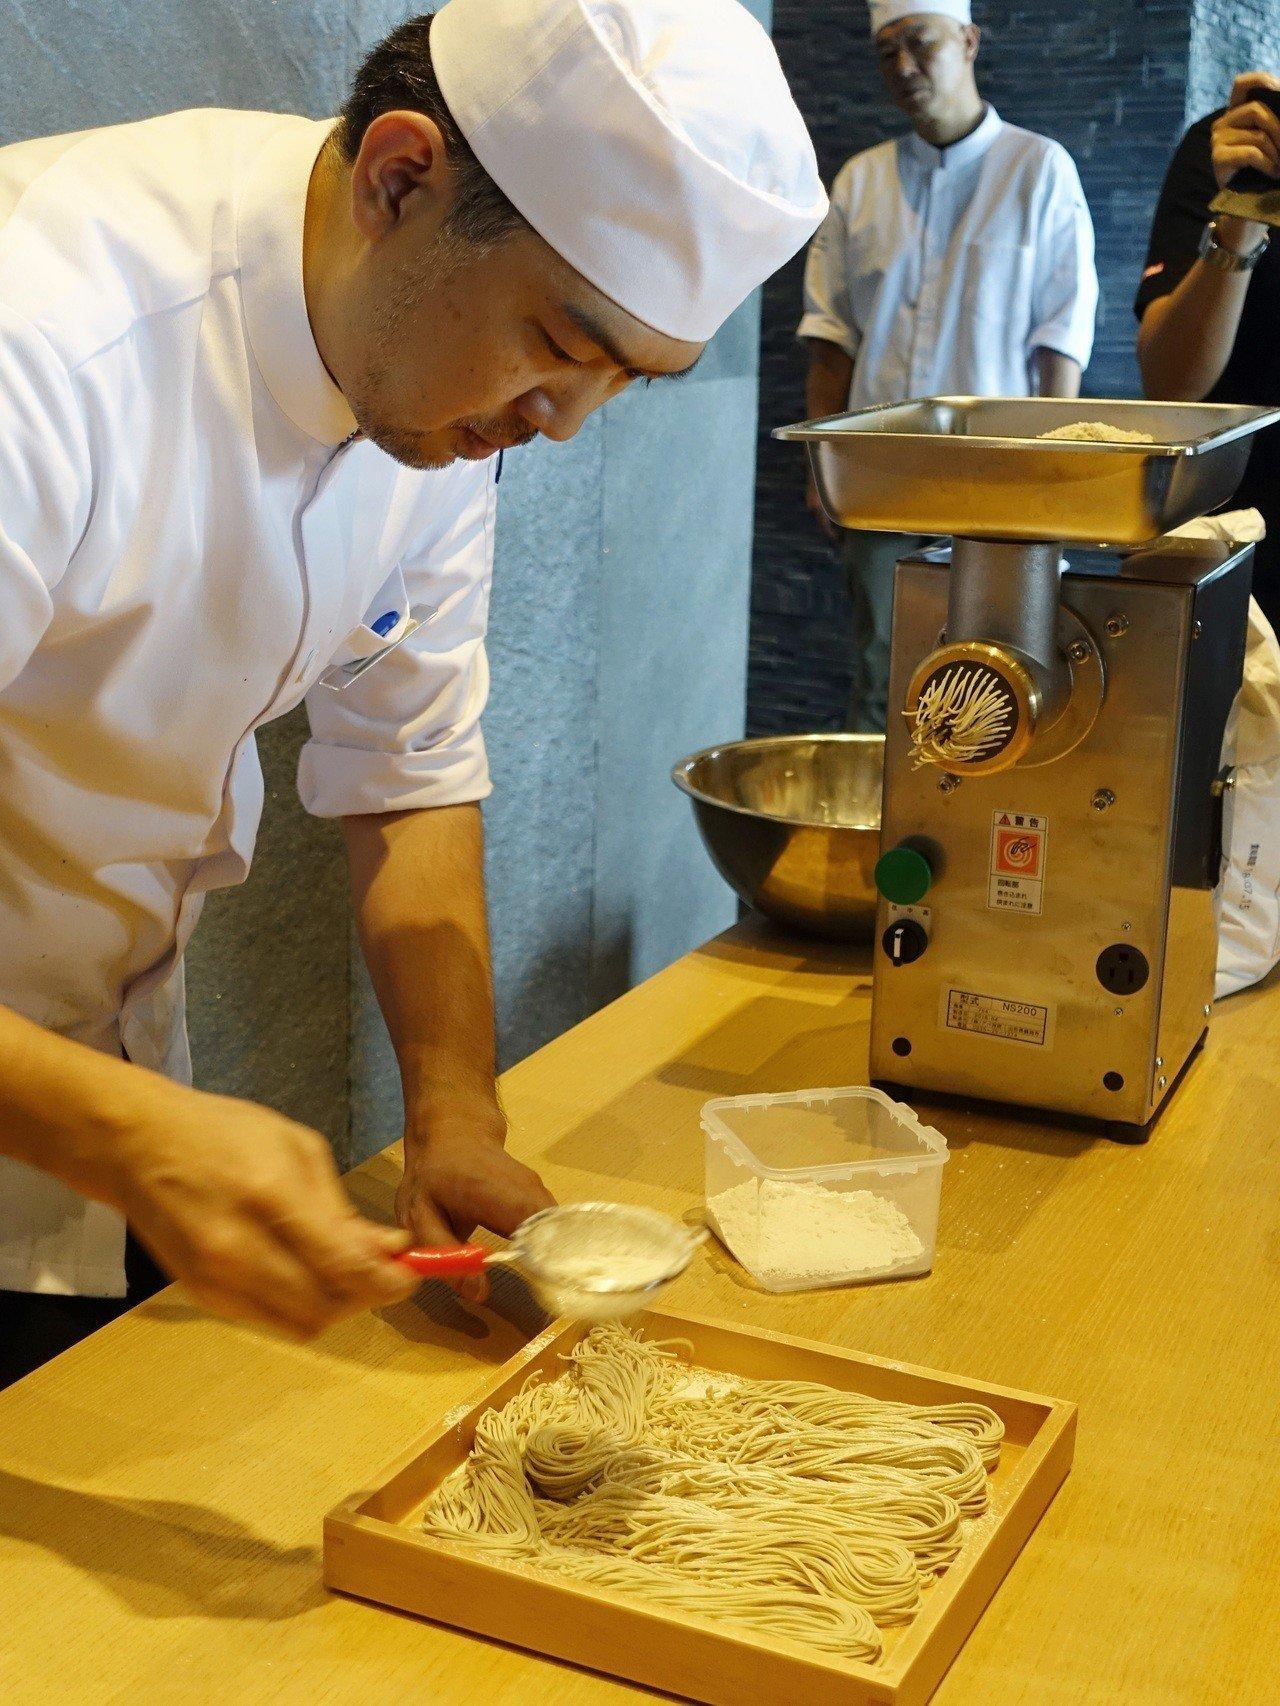 菜な蕎麥麵每日由師傅現點現作。記者張芳瑜/攝影